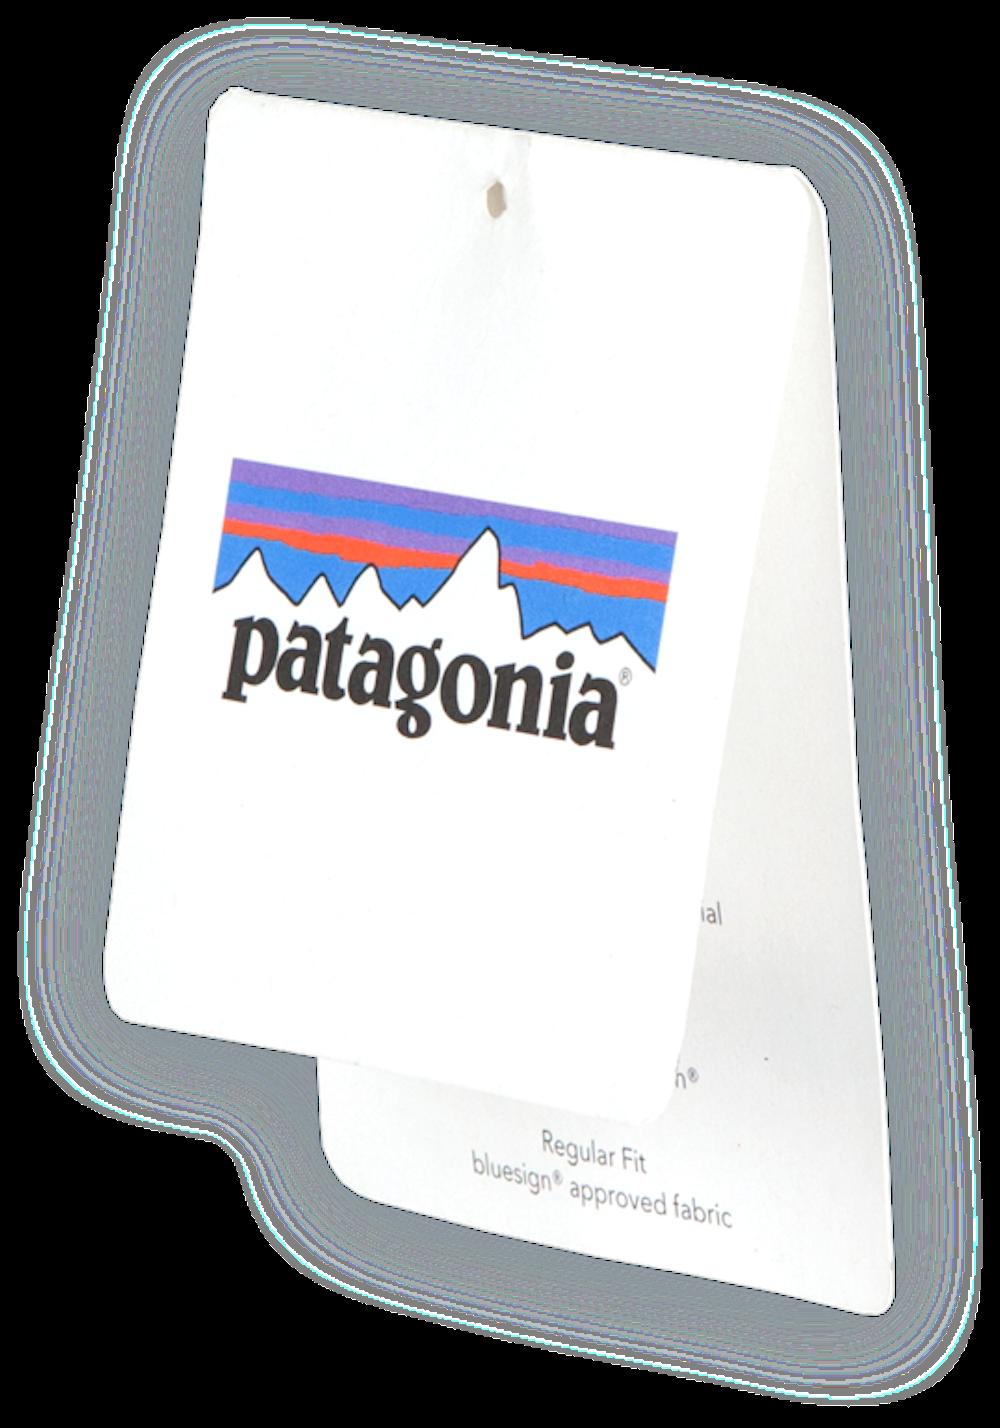 Patagonia Hanging 2